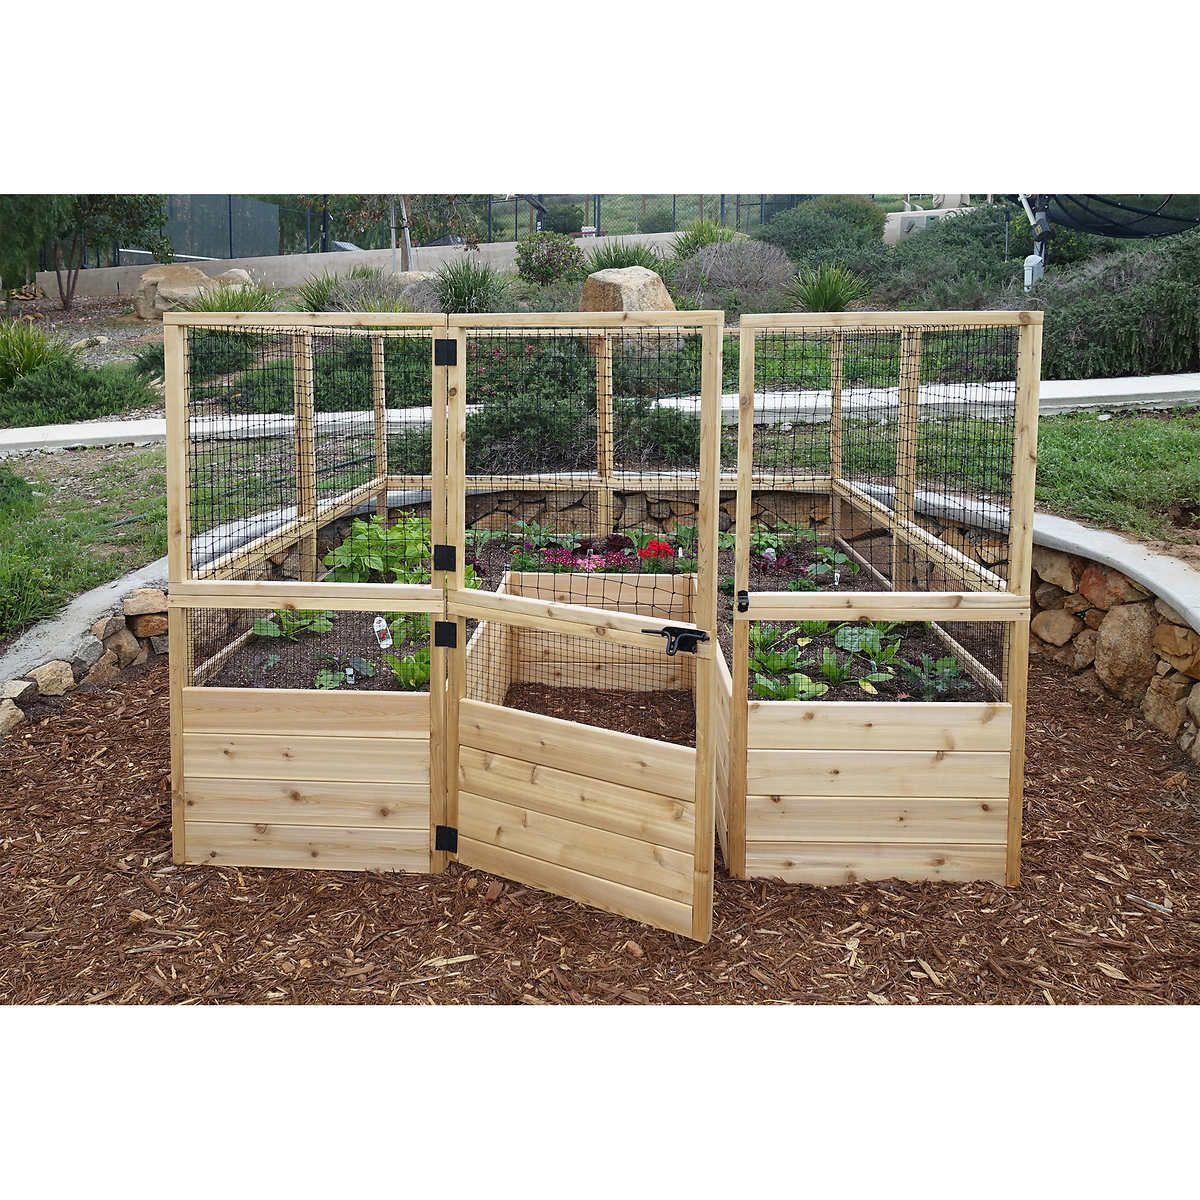 Deer Proof 8 X 8 Raised Garden Bed Raised Garden Vegetable Garden Raised Beds Garden Beds